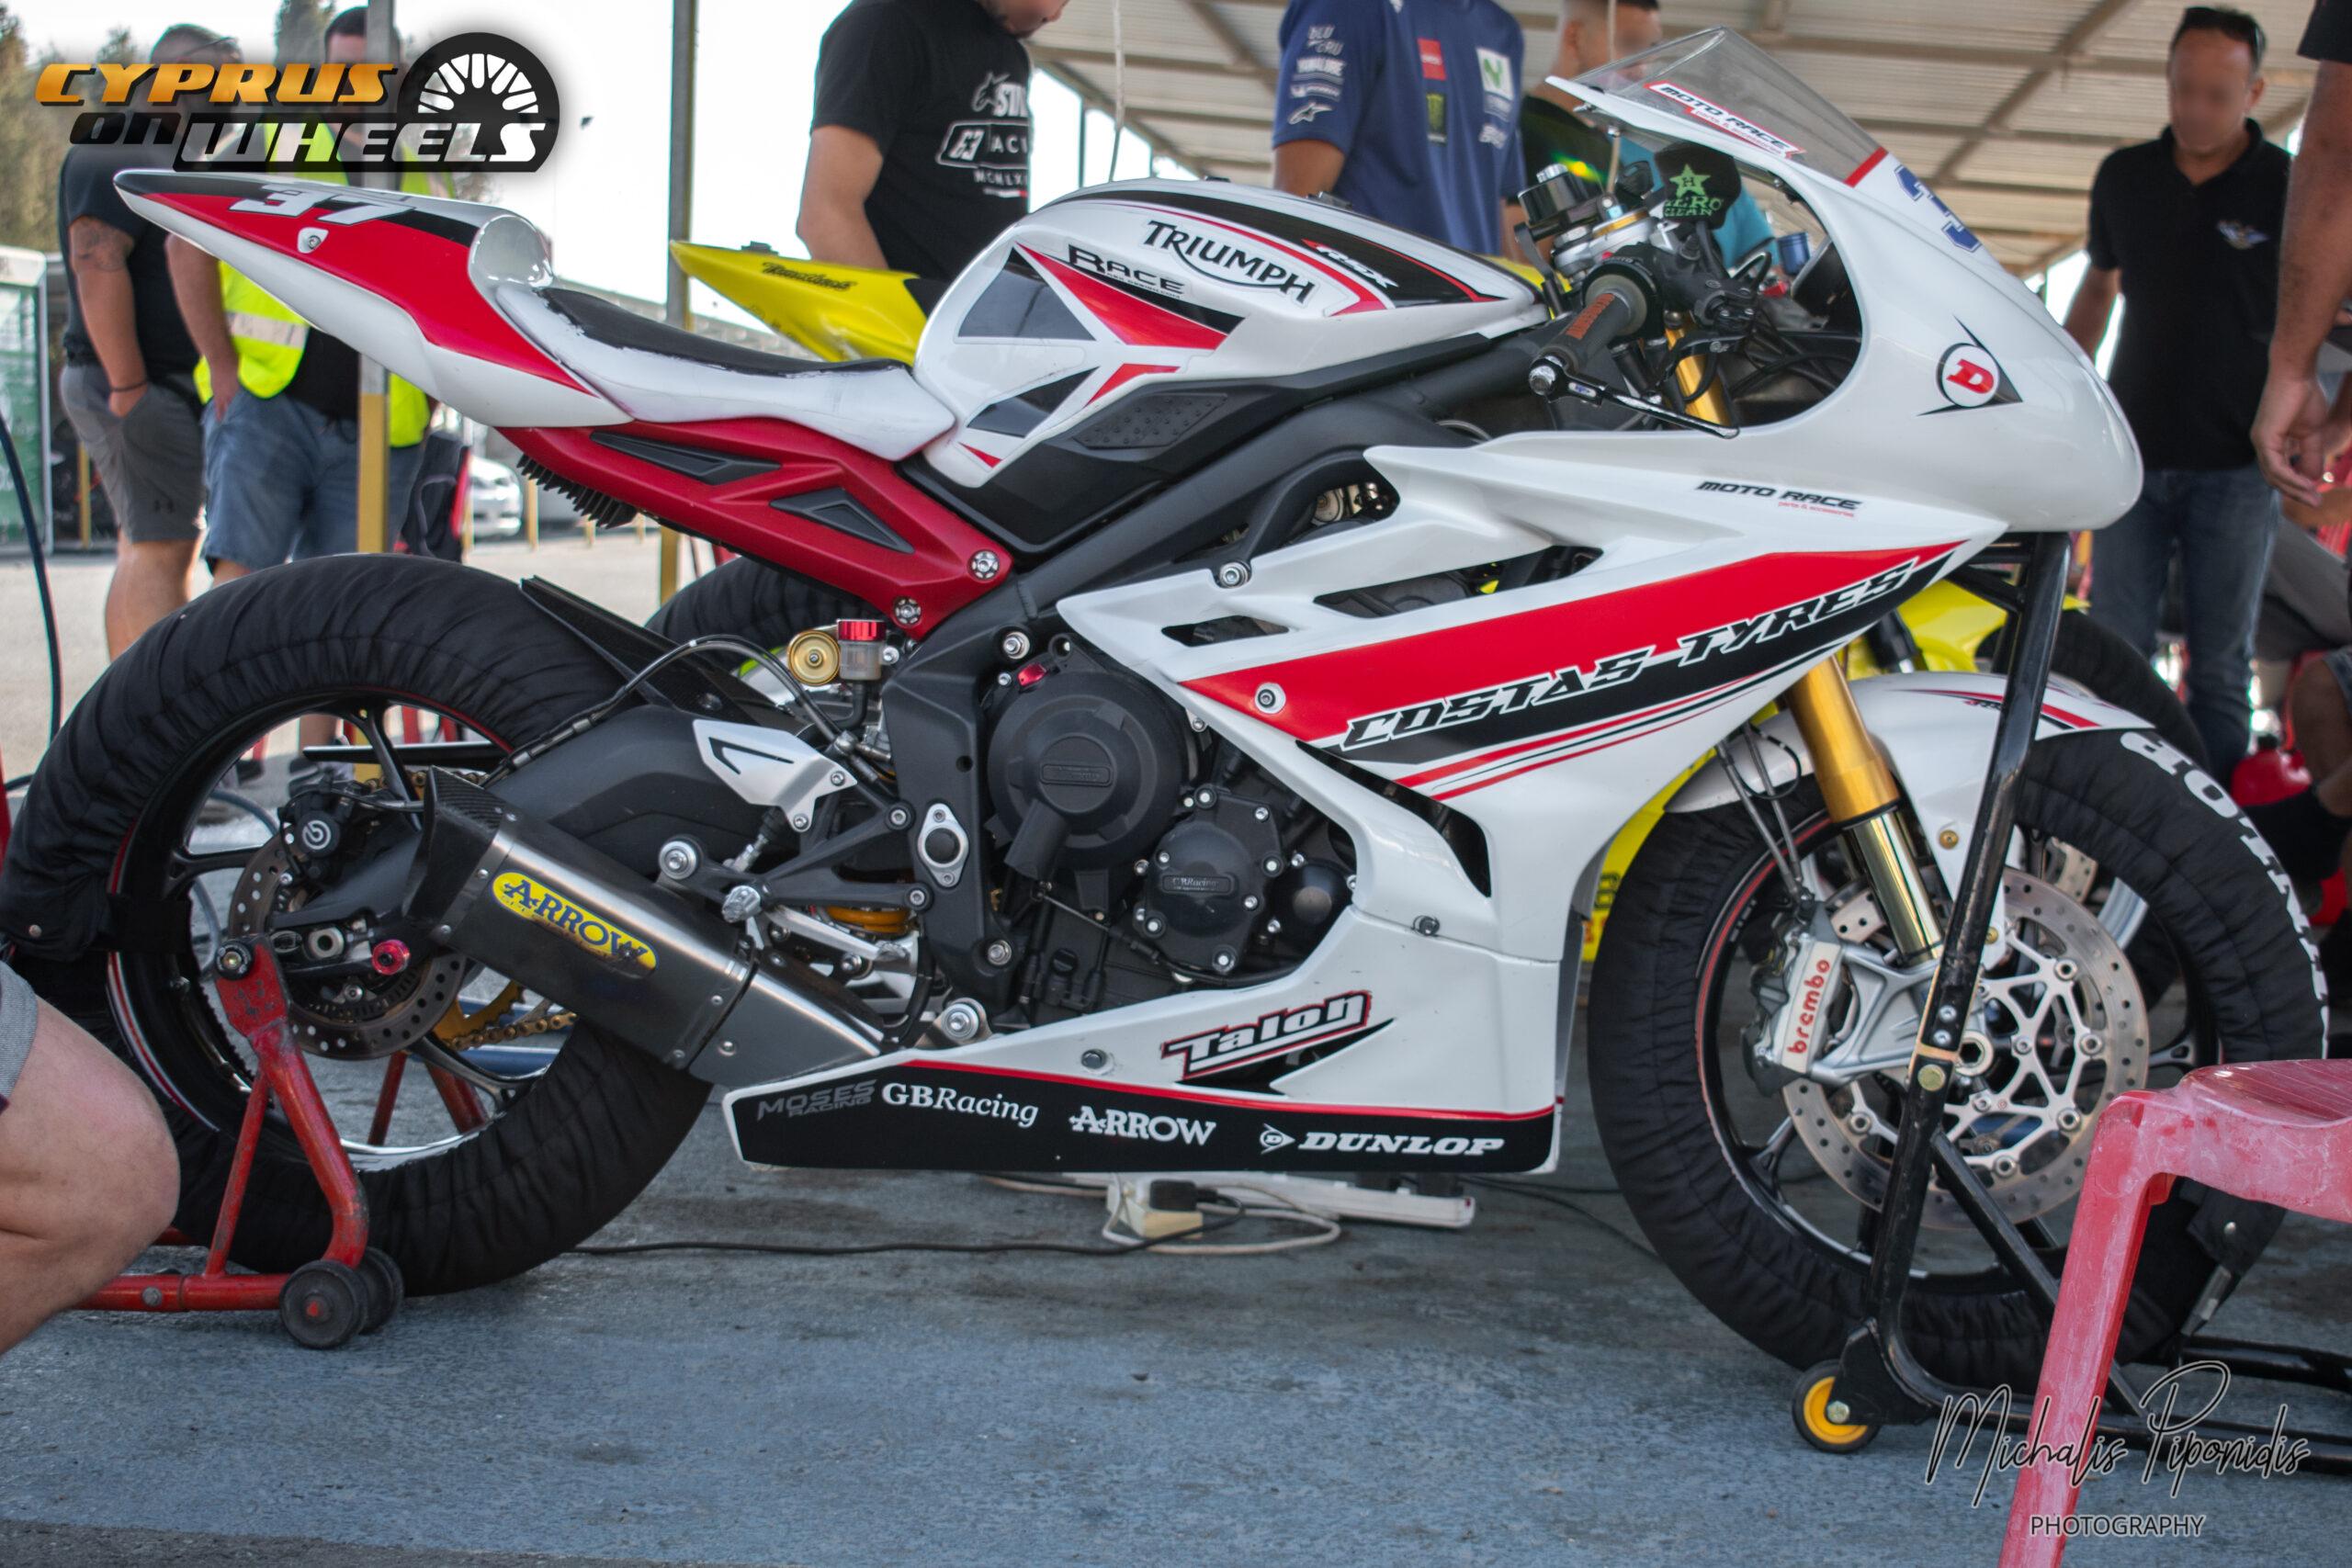 Triumph superbike pit stop